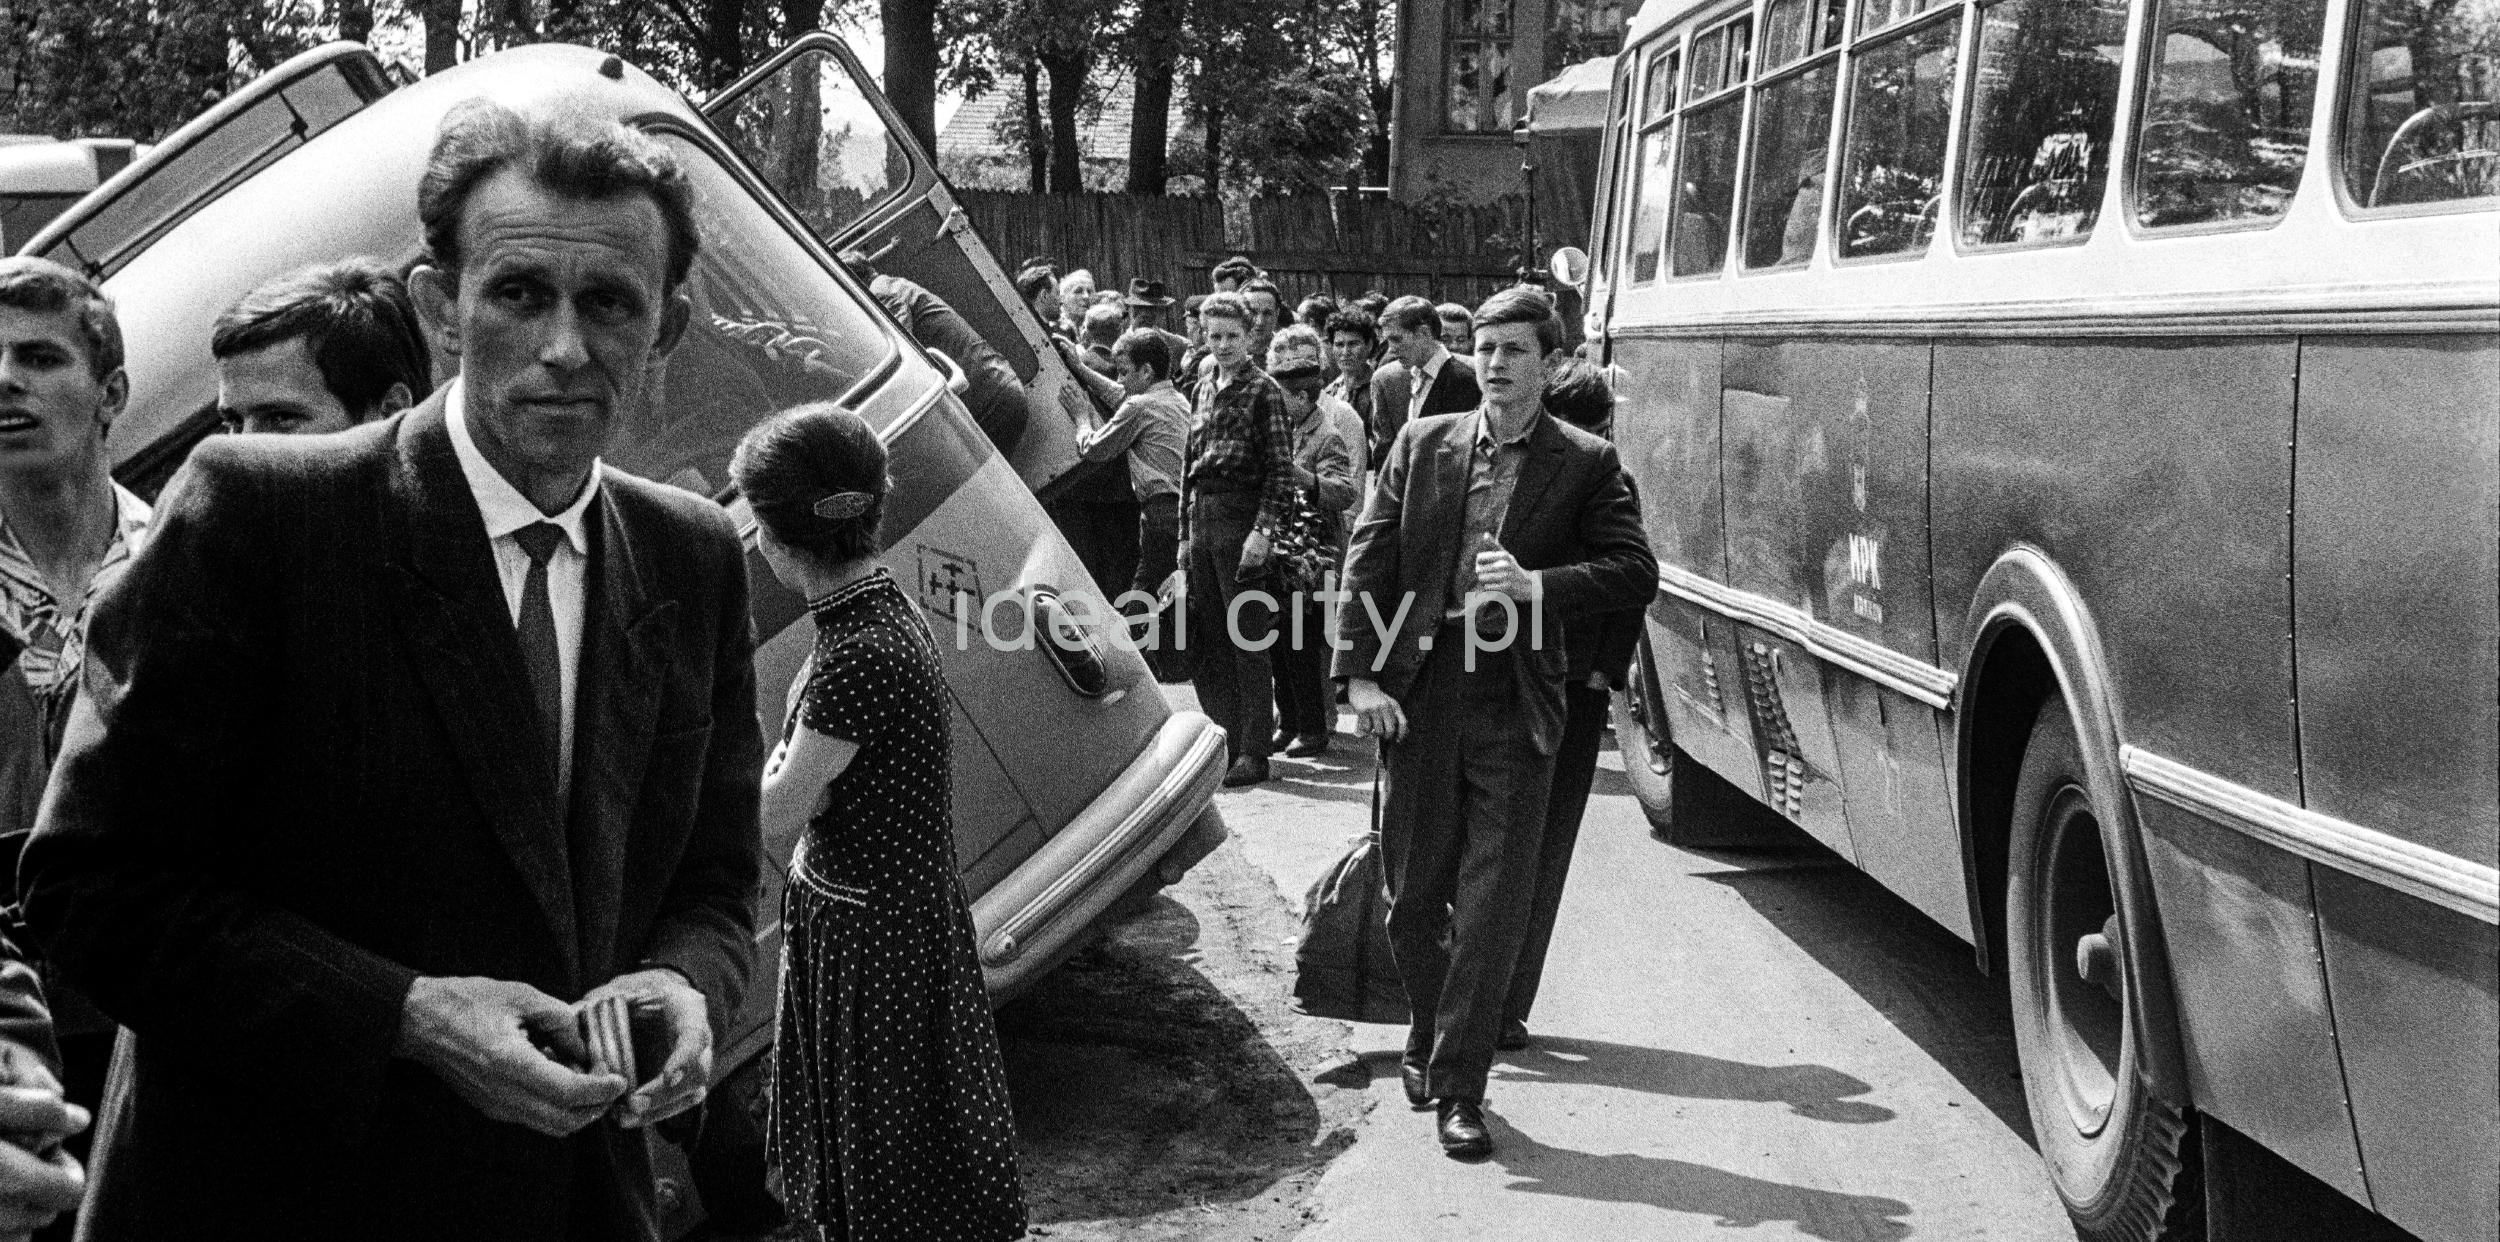 """Mężczyzna przechodzi pomiędzy dwoma autobusami typu """"ogórek"""", jeden z nich leży w rowie, dookoła gapie."""